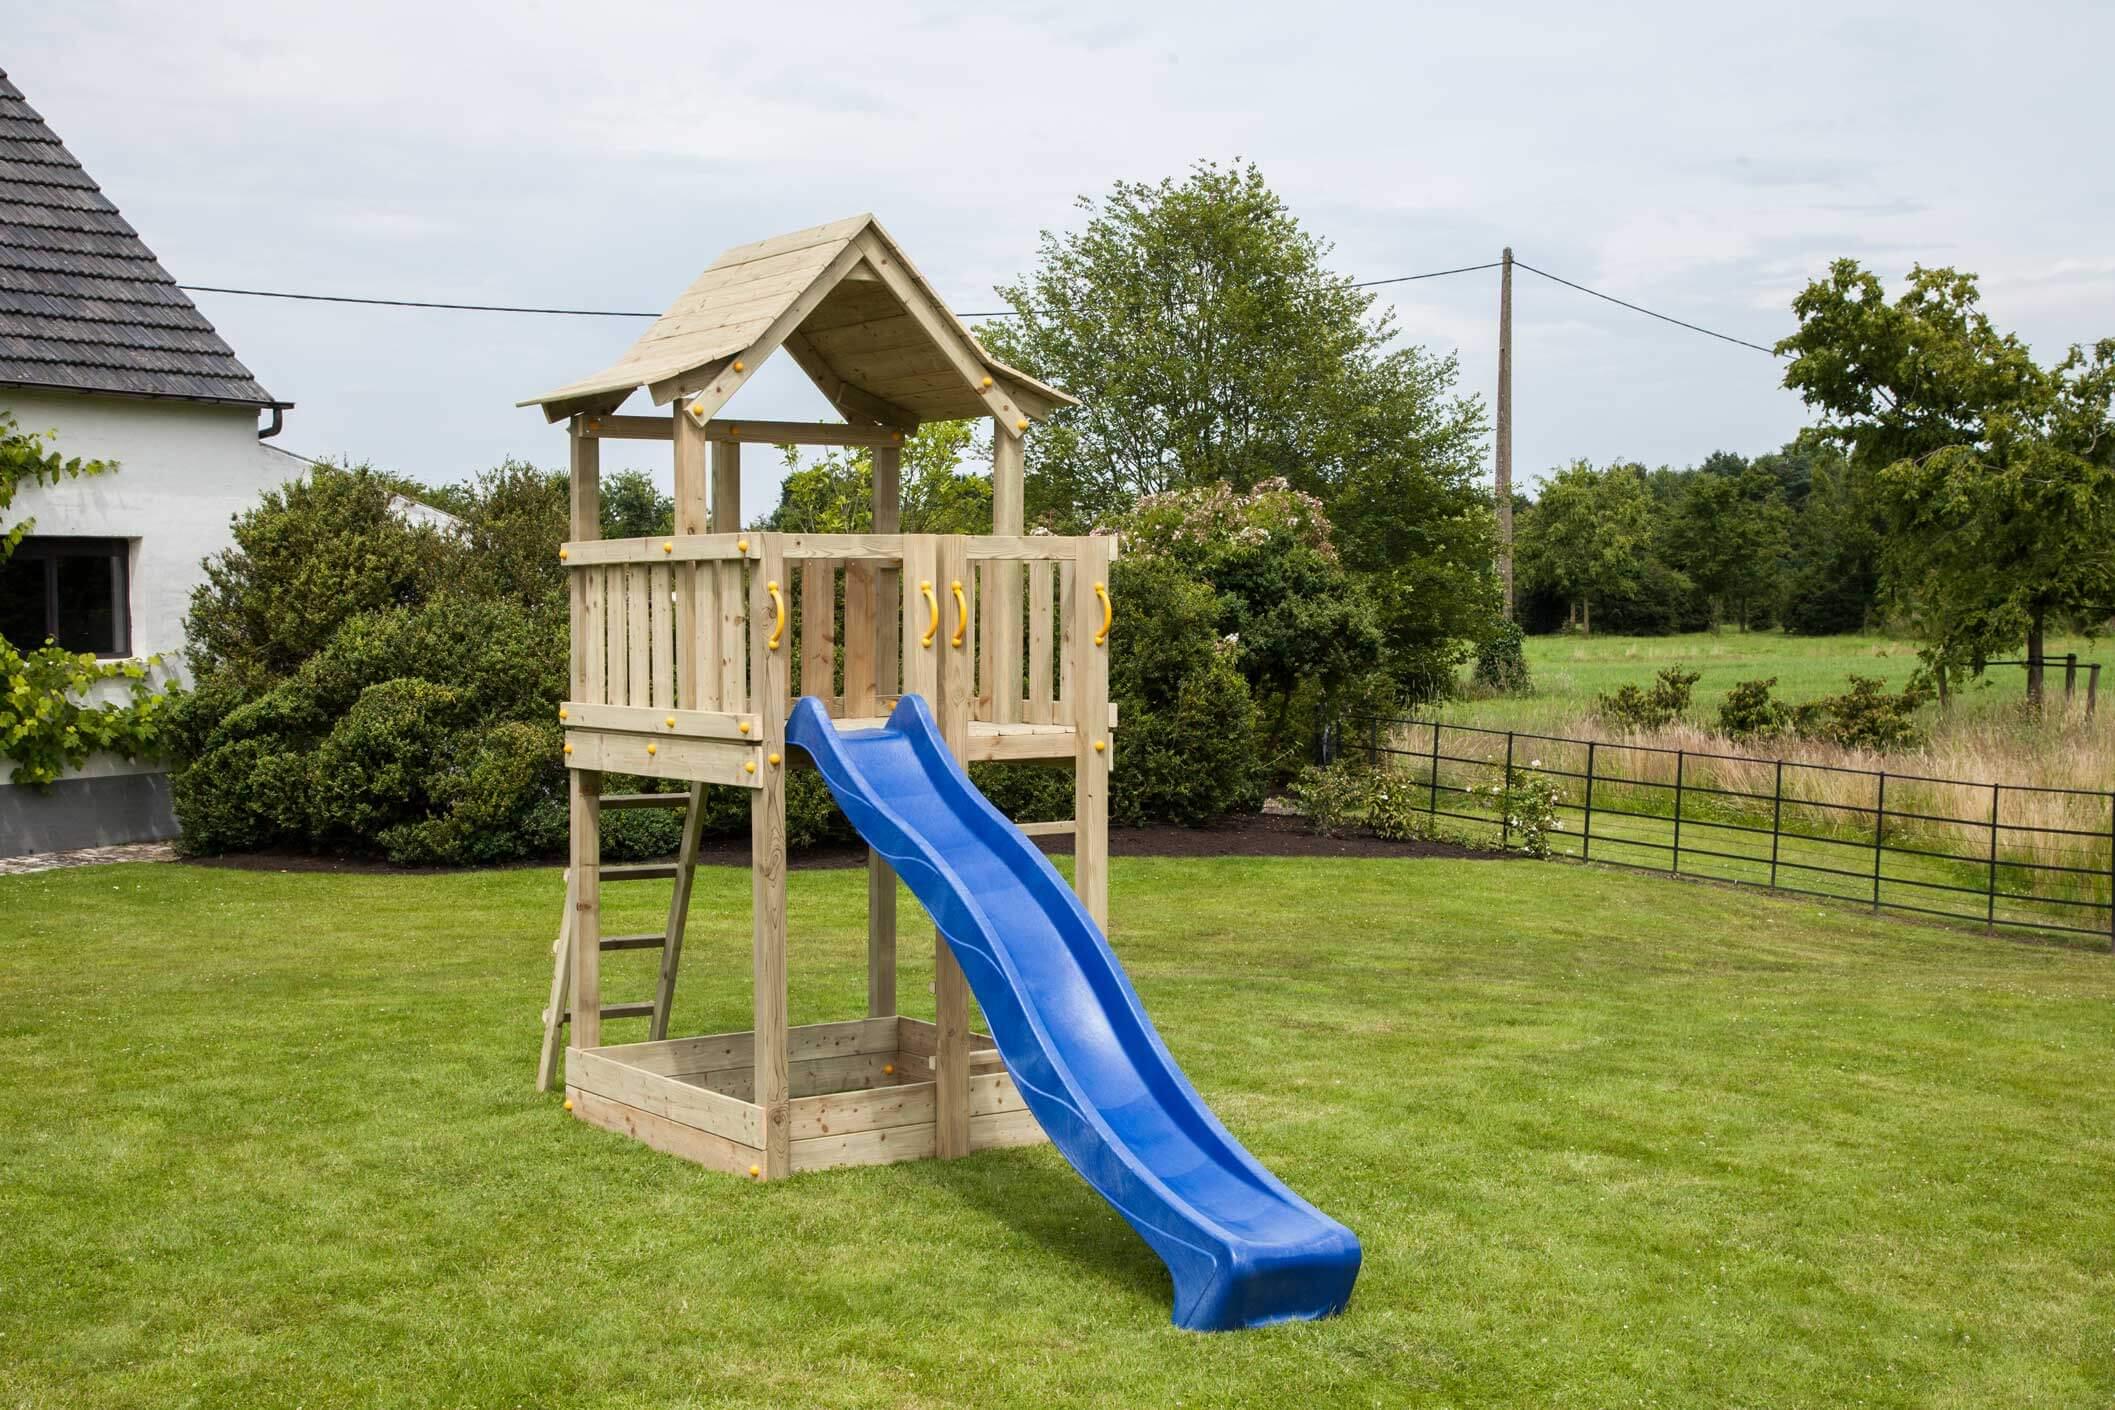 Beliebt Blue Rabbit Spielturm Pagoda 120 cm - Spiel und Garten IQ22